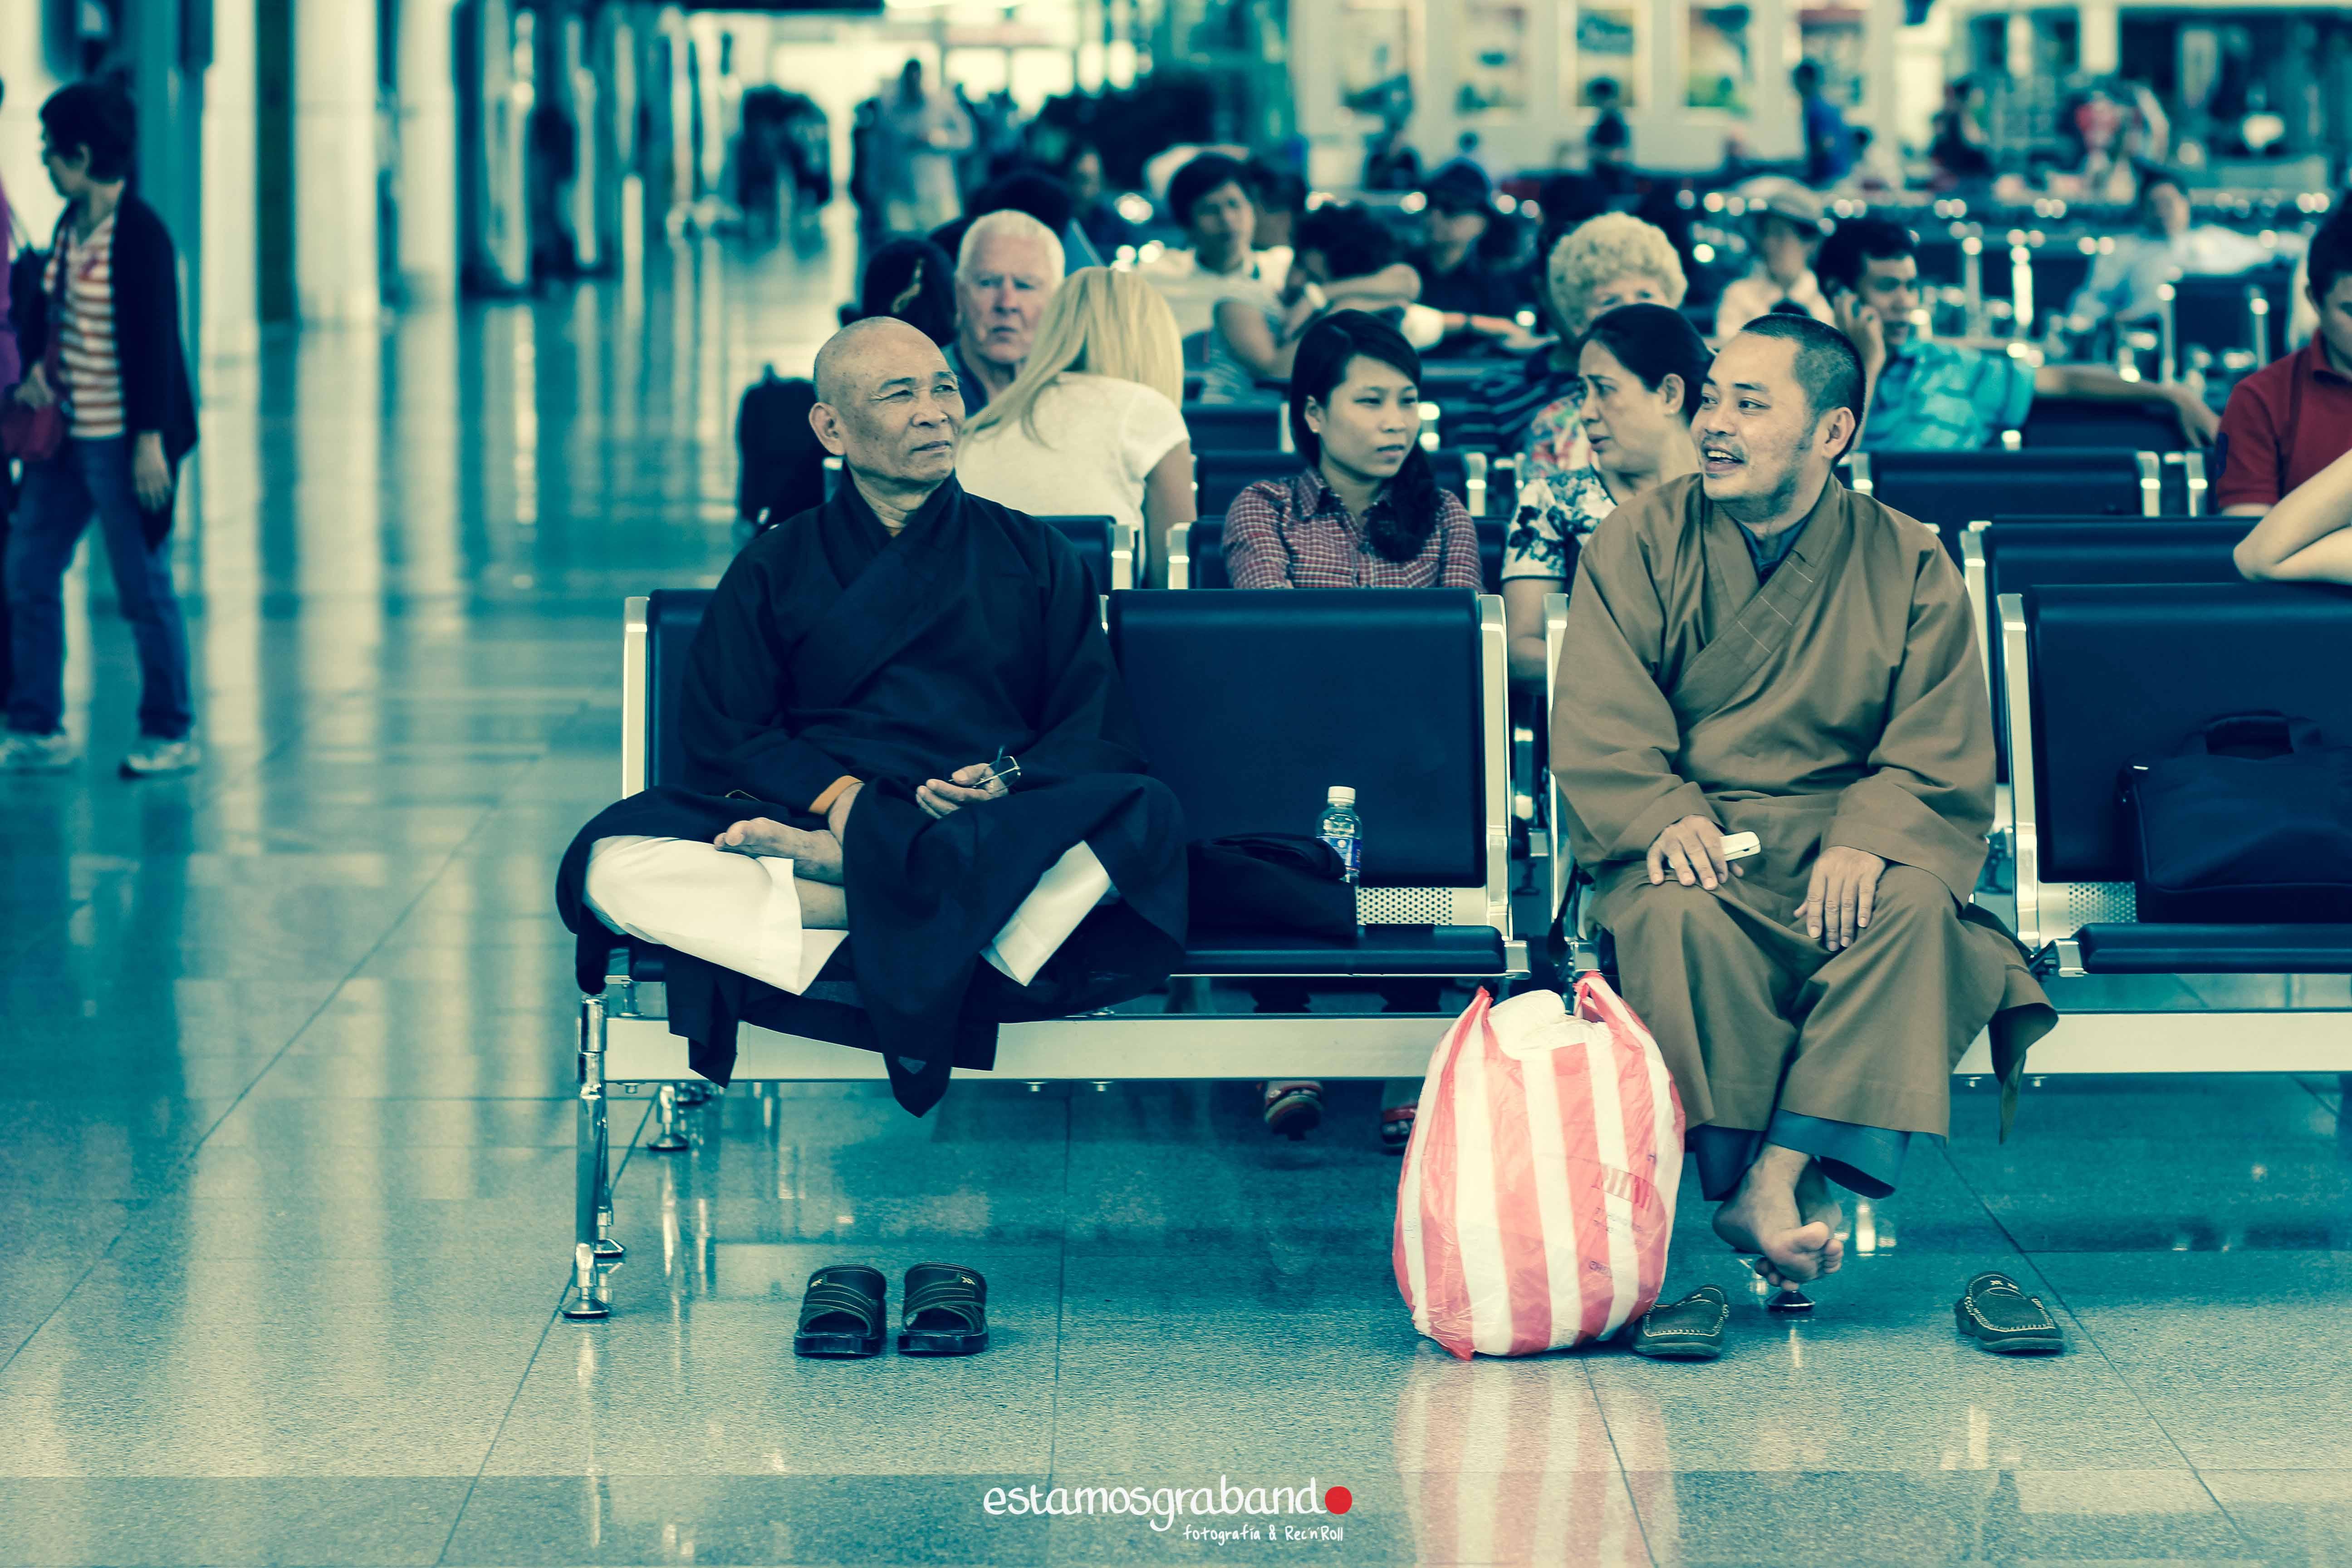 reportaje-vietnam_fotograficc81a-vietnam_estamosgrabando-vietnam_rutasvietnam_reportaje-retratos-fotos-vietnam_fotografia-vietnam_reportaje-estamosgrabando-fotograficc81a-vietnam-96 Pequeños grandes recuerdos de Vietnam en 100 imágenes - video boda cadiz